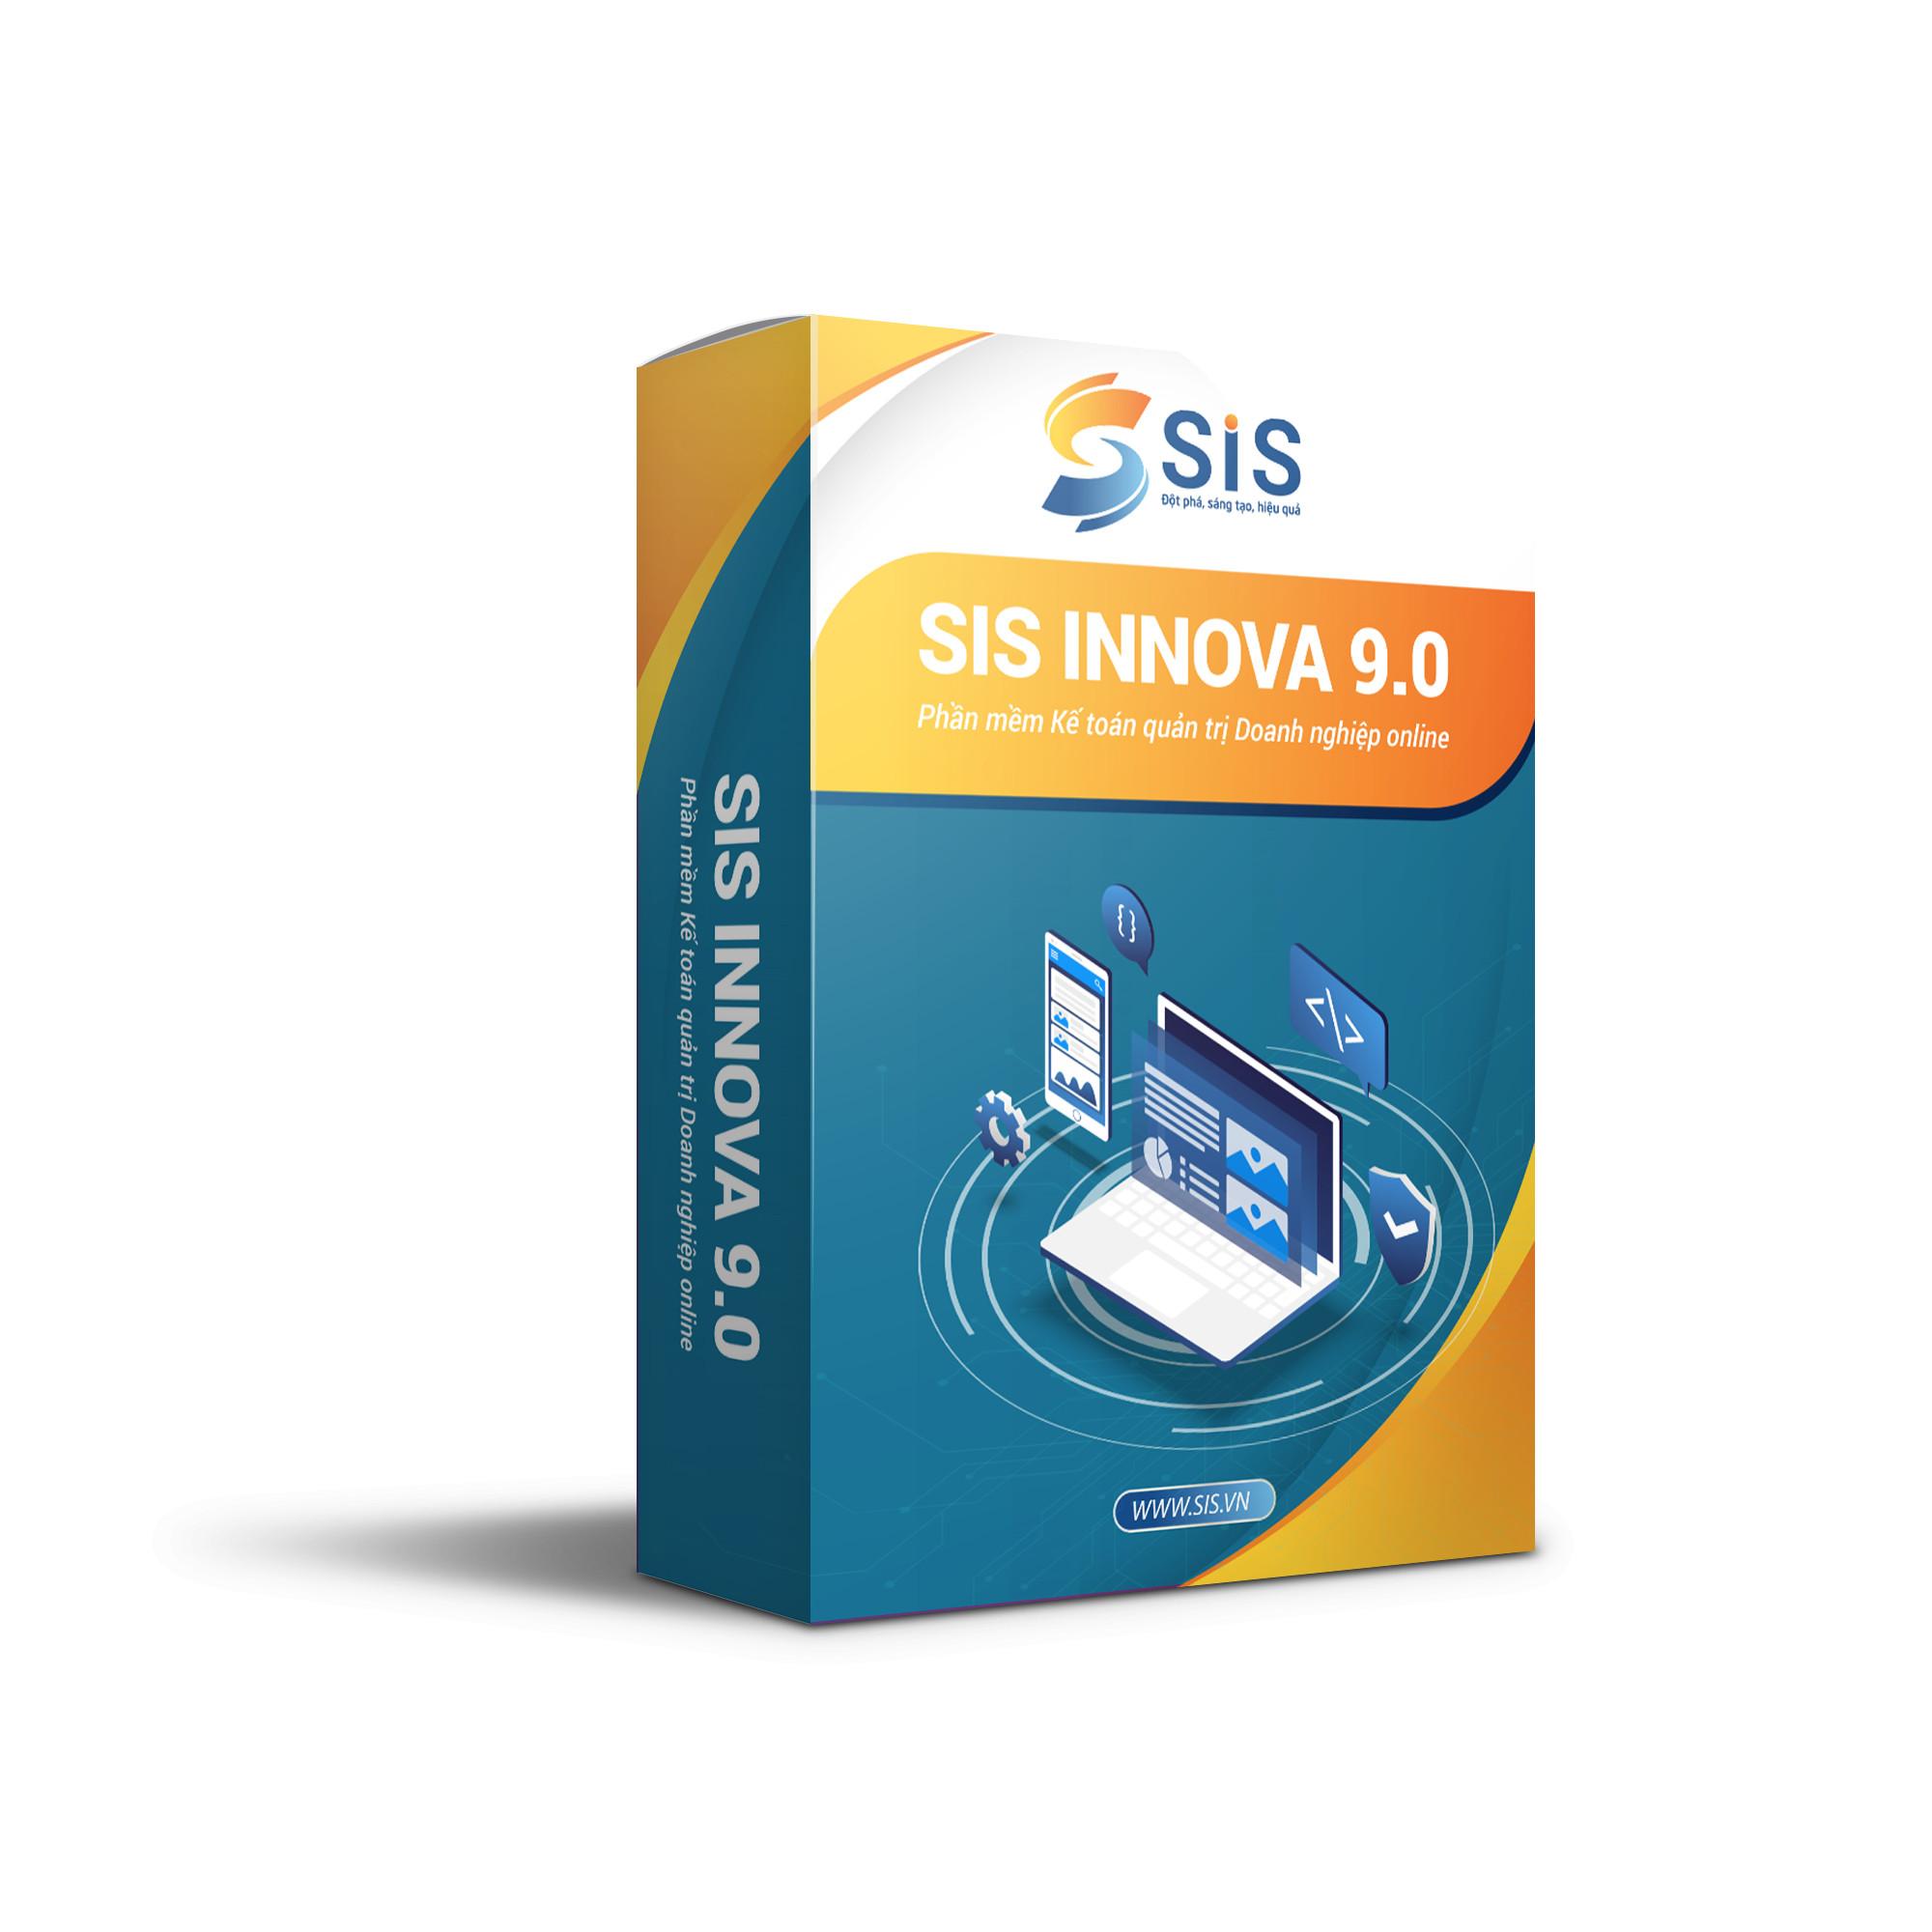 Phần mềm kế toán quản trị SIS INNOVA 9.0 dành cho doanh nghiệp Thương mại - Dịch vụ. Hàng chính hãng - Hỗ trợ mọi nghiệp vụ doanh nghiệp - Nhanh chóng, an toàn, tiện ích - Đầy đủ phân hệ kế toán - Cập nhật thông tư liên tục. Có thể sử dụng ONLINE